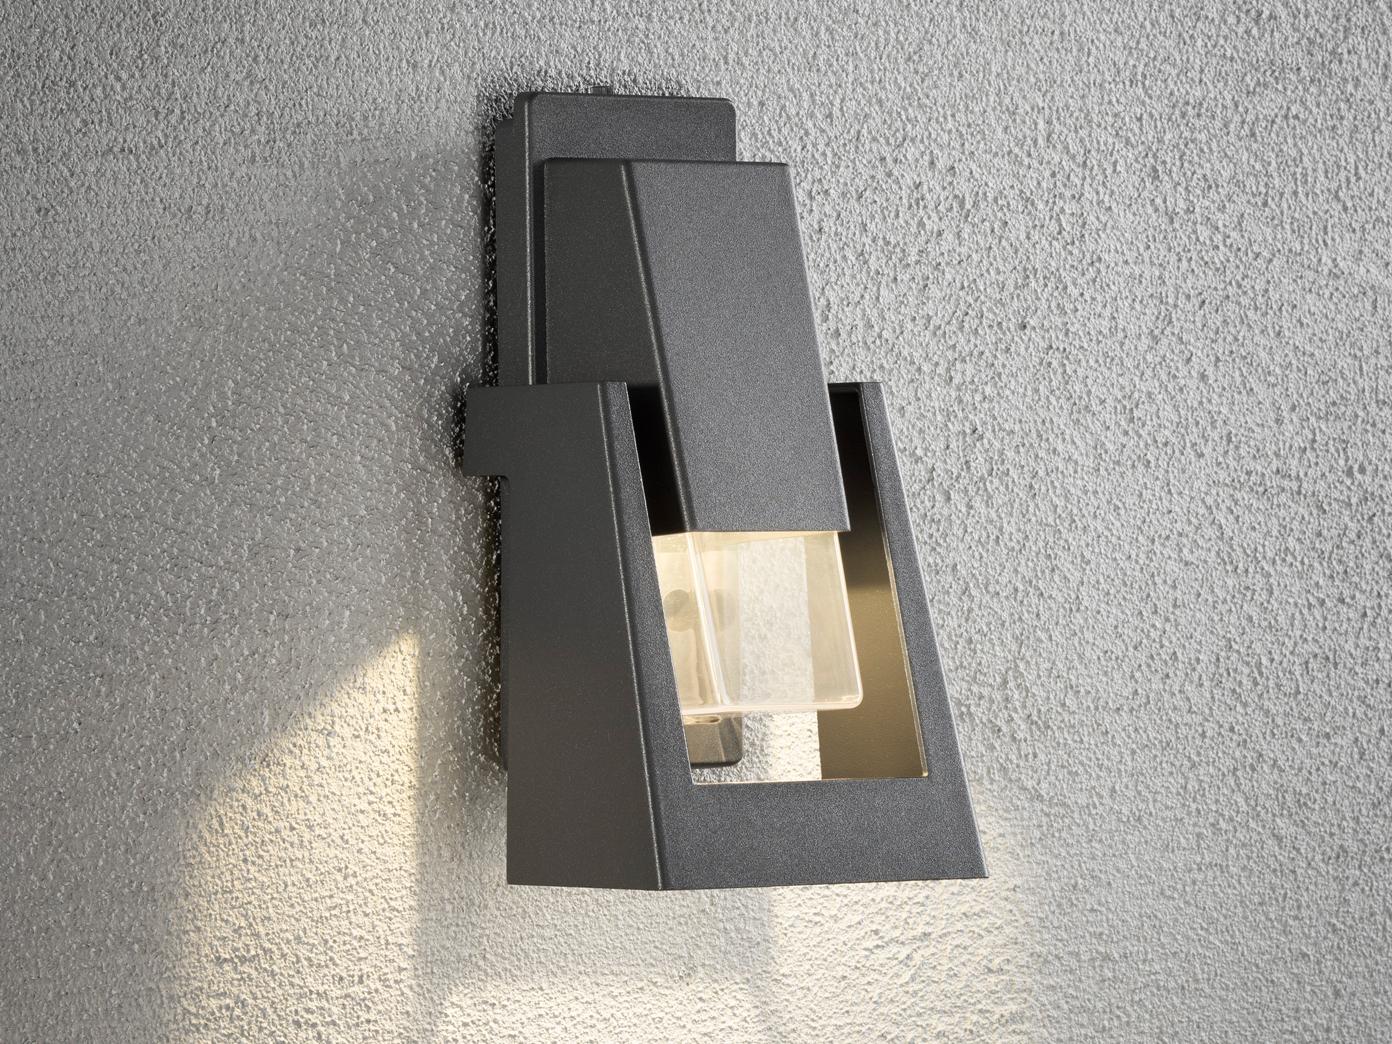 Dimmbare Außenwandleuchte POTENZA schwarz, 350Lm, austauschbares LED Modul   Mittel Preis    Genial    Trendy